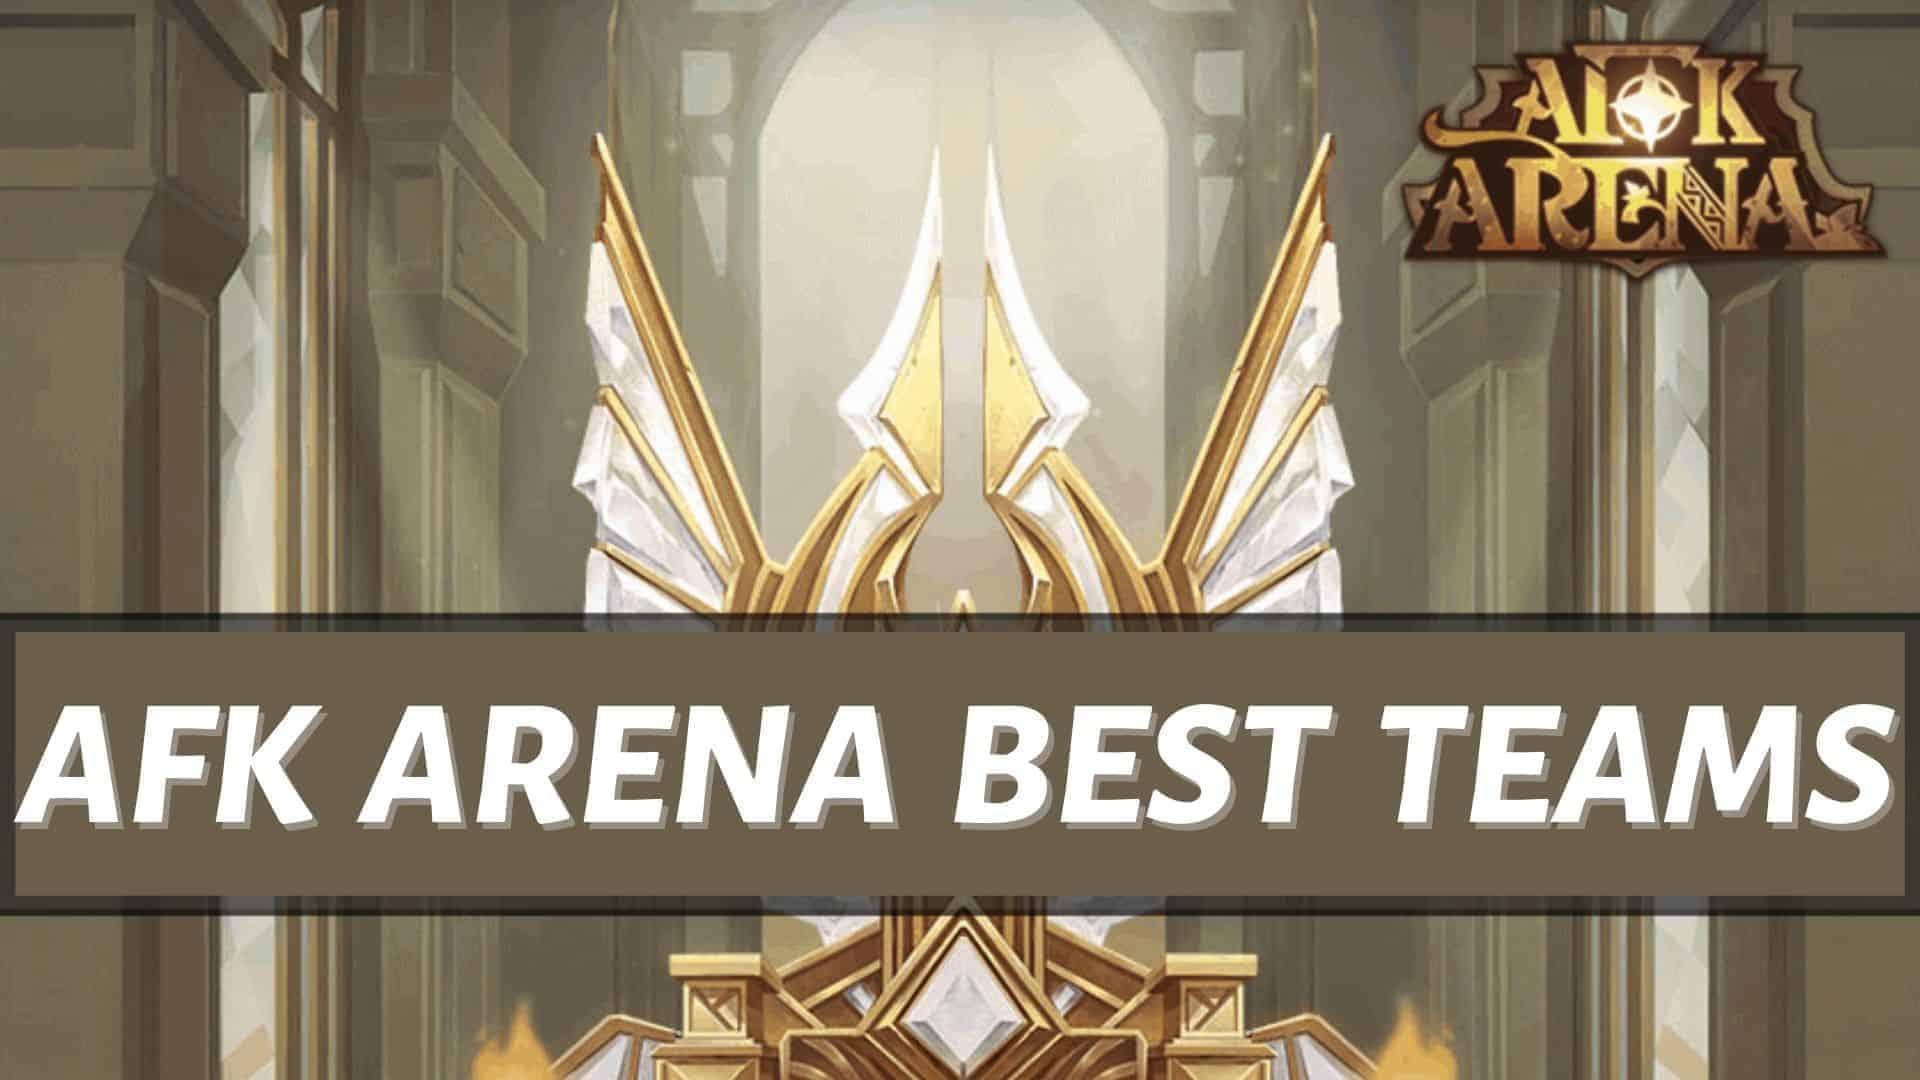 afk arena best teams